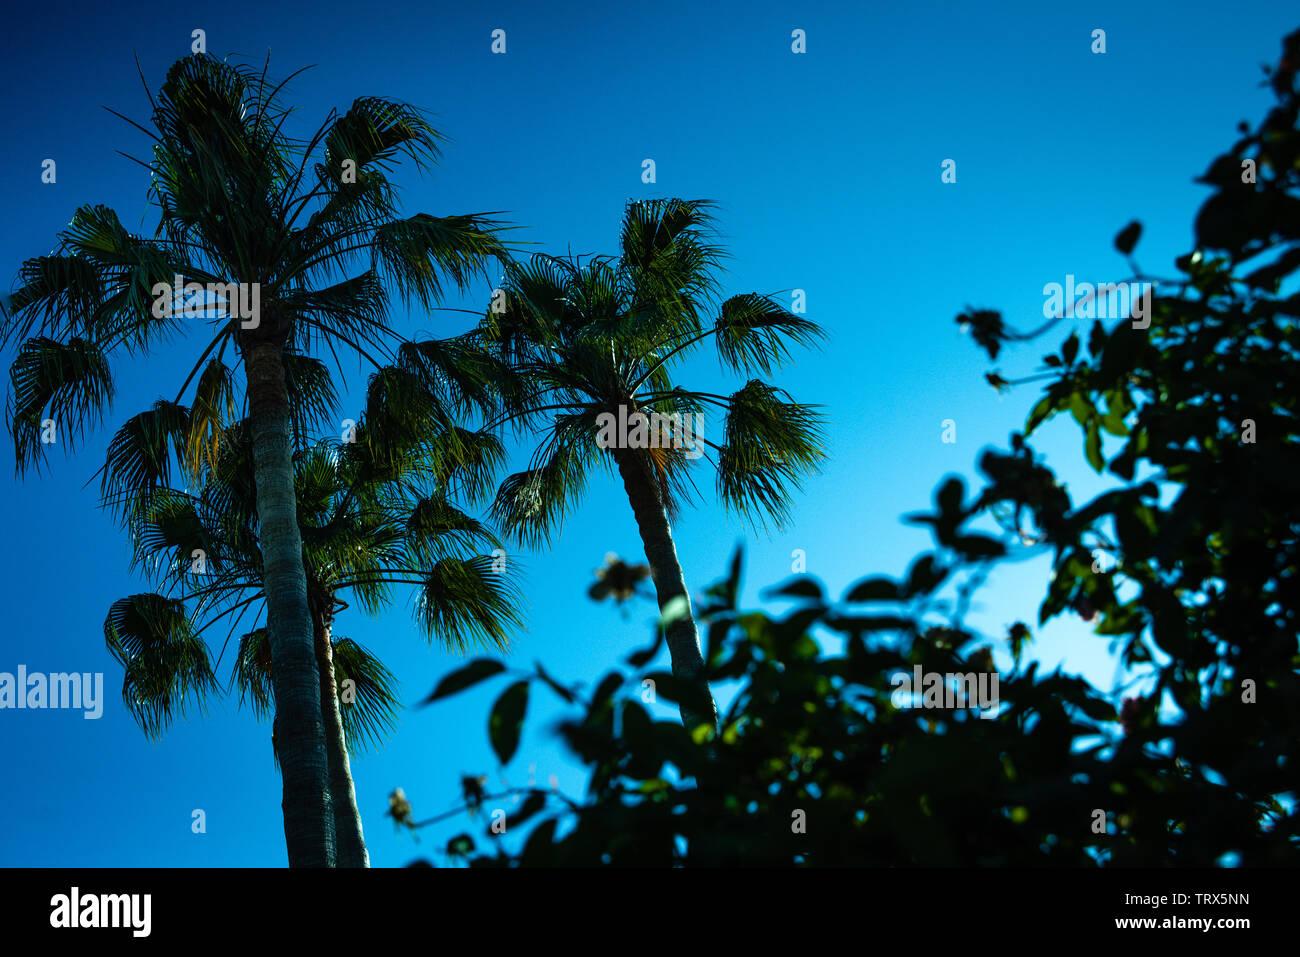 Fondo retroiluminado de un intenso azul cielo sin nubes con siluetas de palmeras y cactus en un entorno tropical. Imagen De Stock